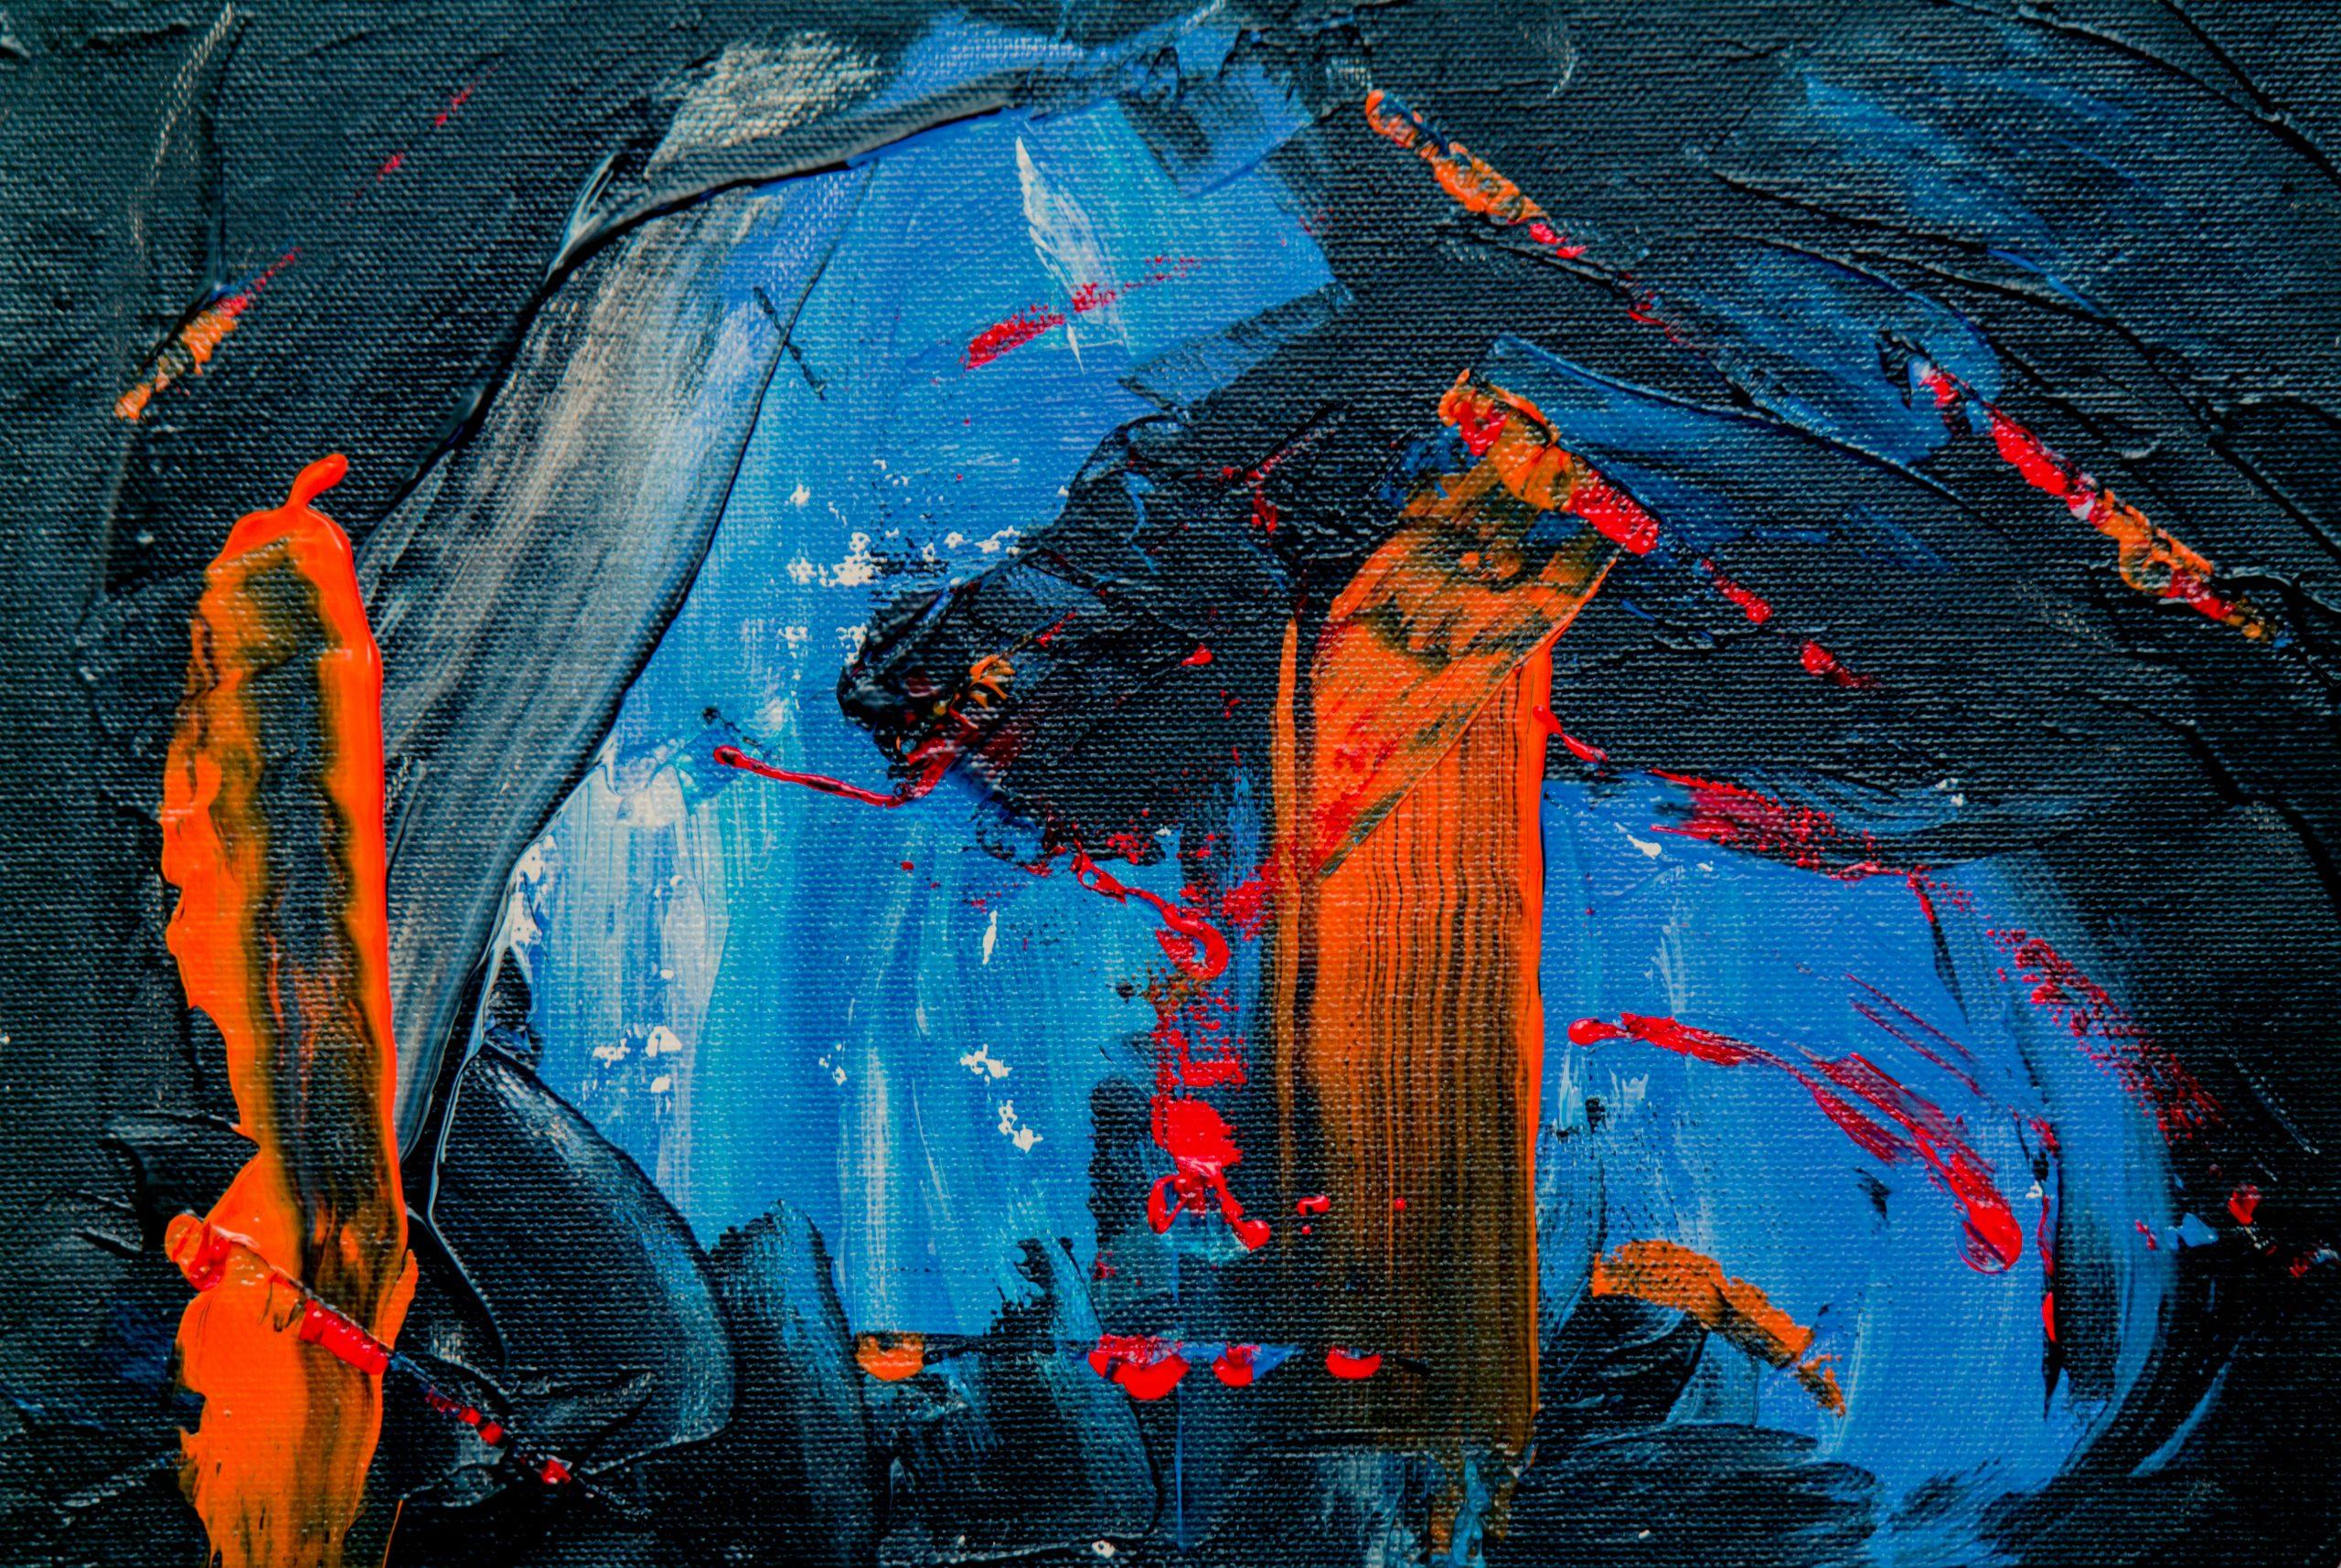 More at: artbystevej.com